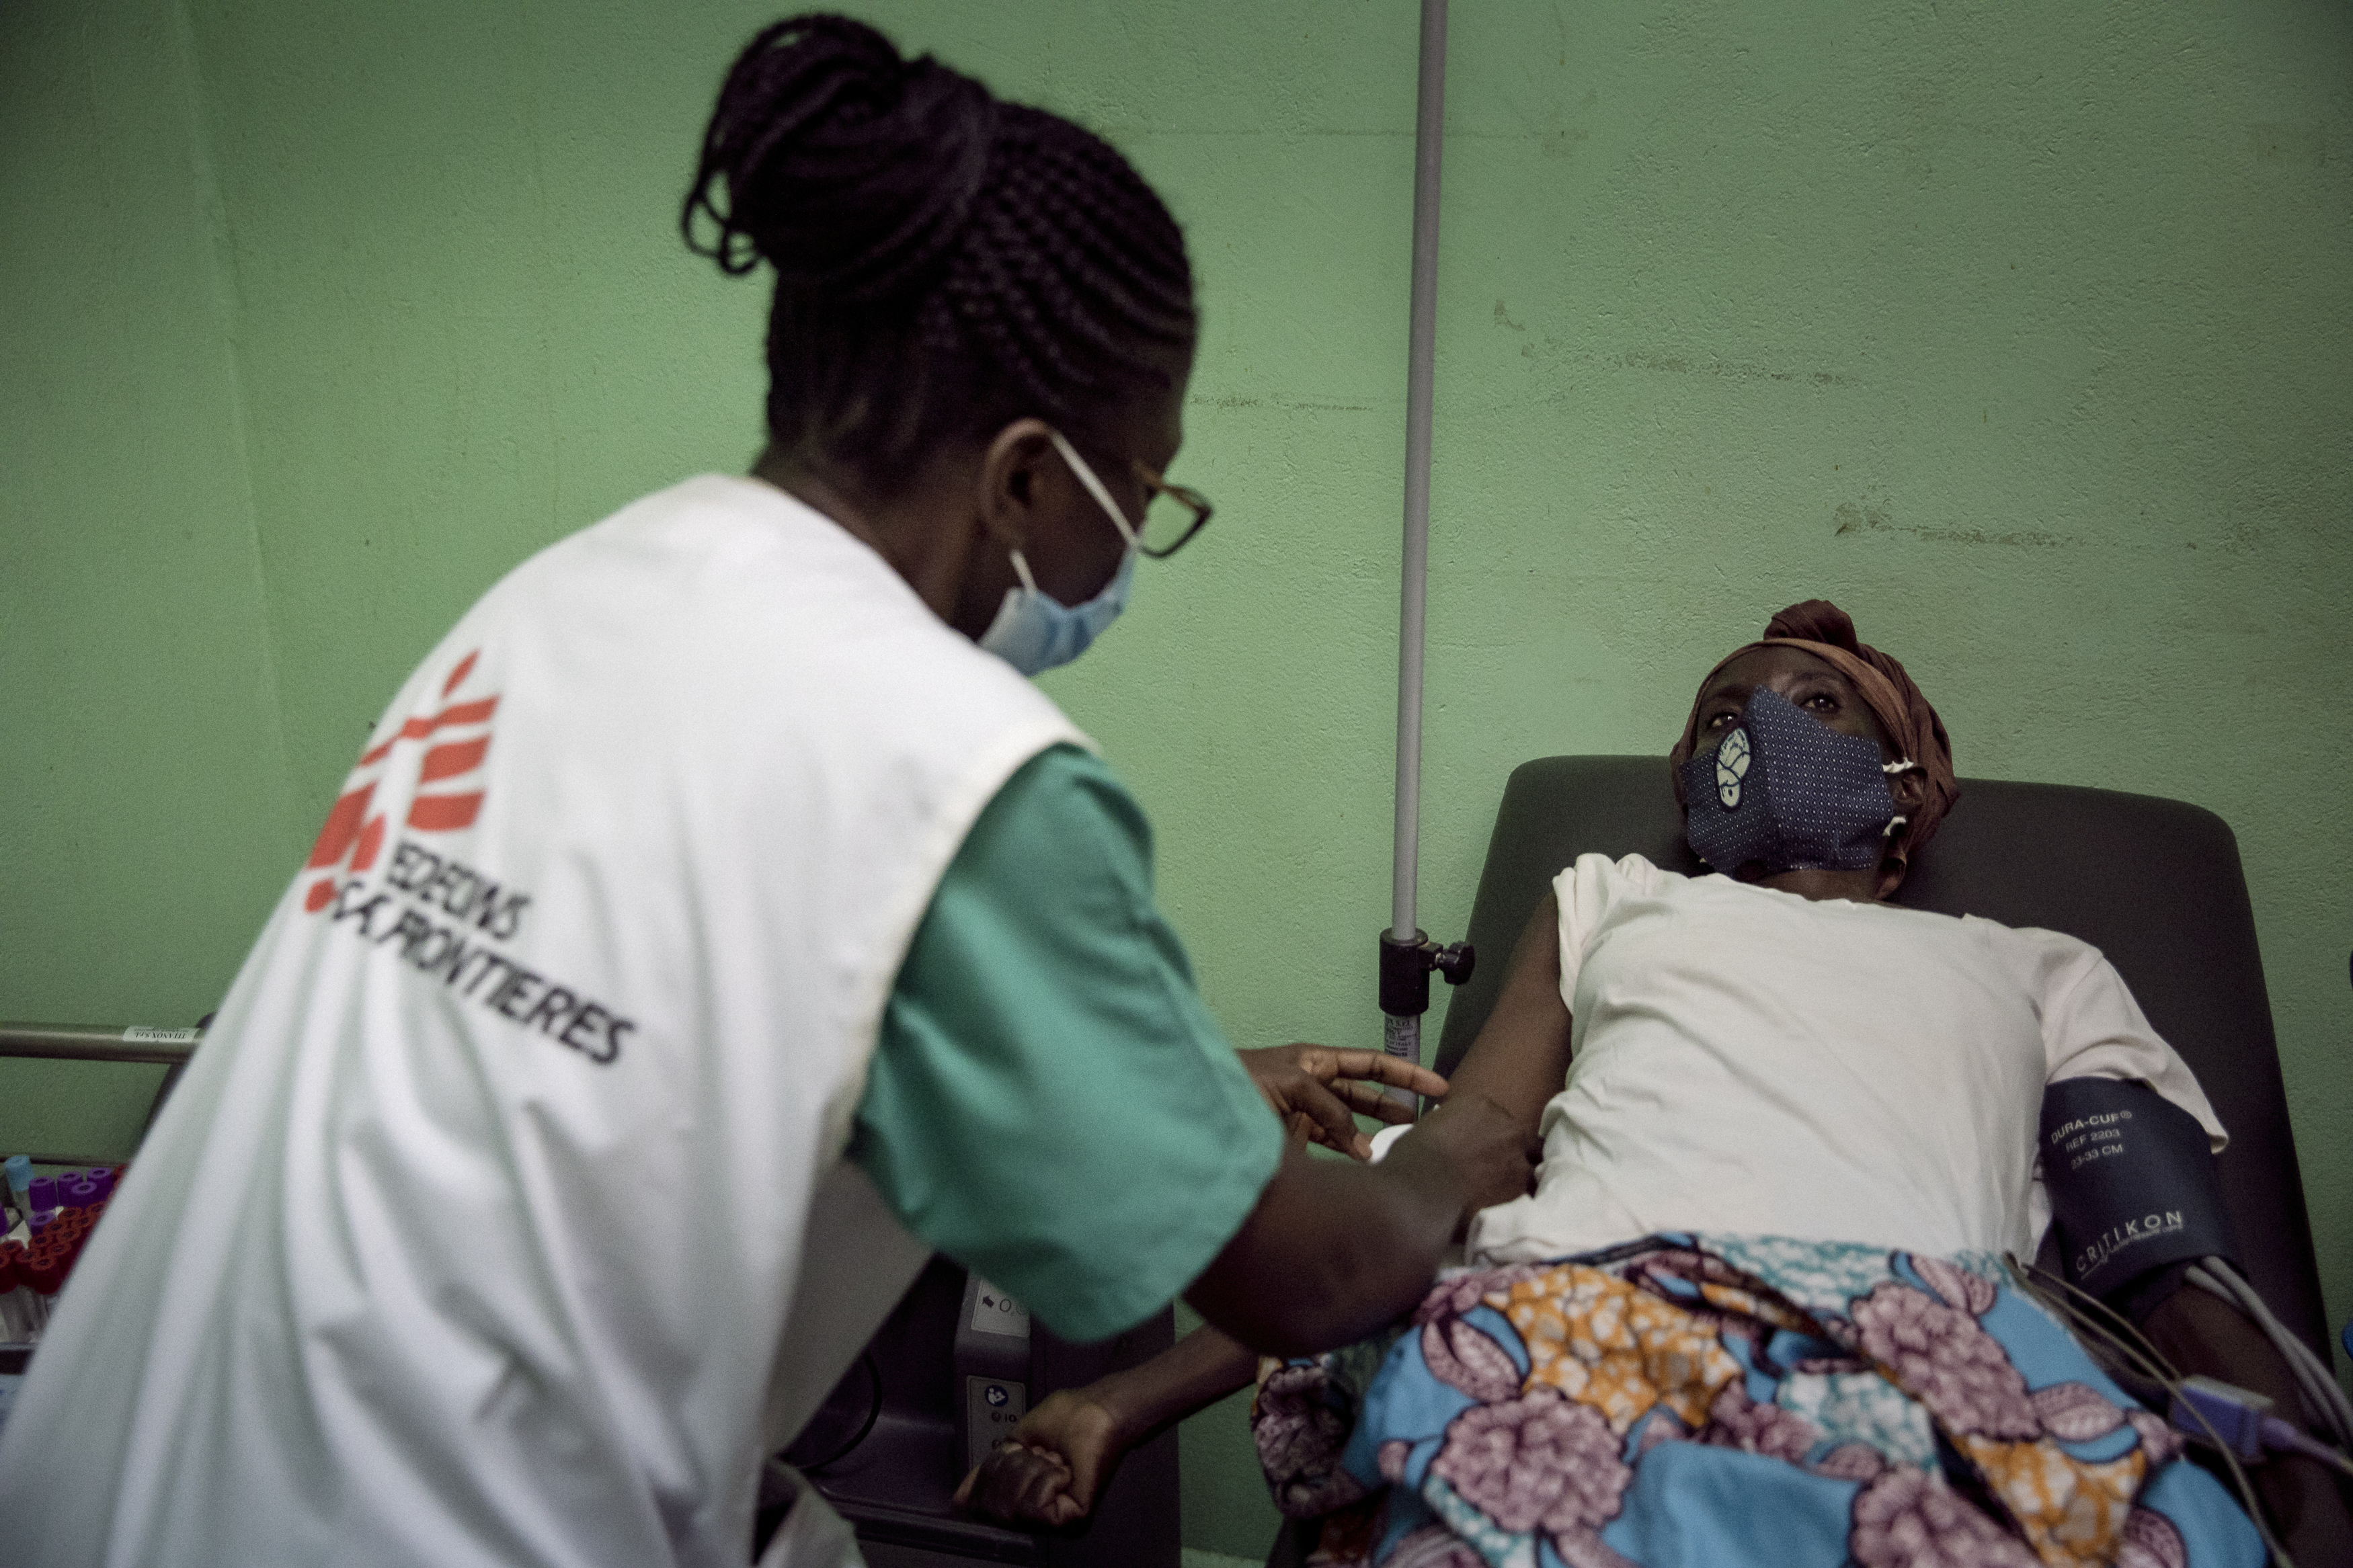 Josiane, infirmière pour MSF, prend en charge  une patiente de 42 ans, à l'hôpital communautaire de Bangui, le 25 novembre 2020. Cette dernière a des  palpitations cardiaques depuis une semaine et vomit constamment depuis  deux jours. Crédit : Adrienne Surprenant/Collectif Item